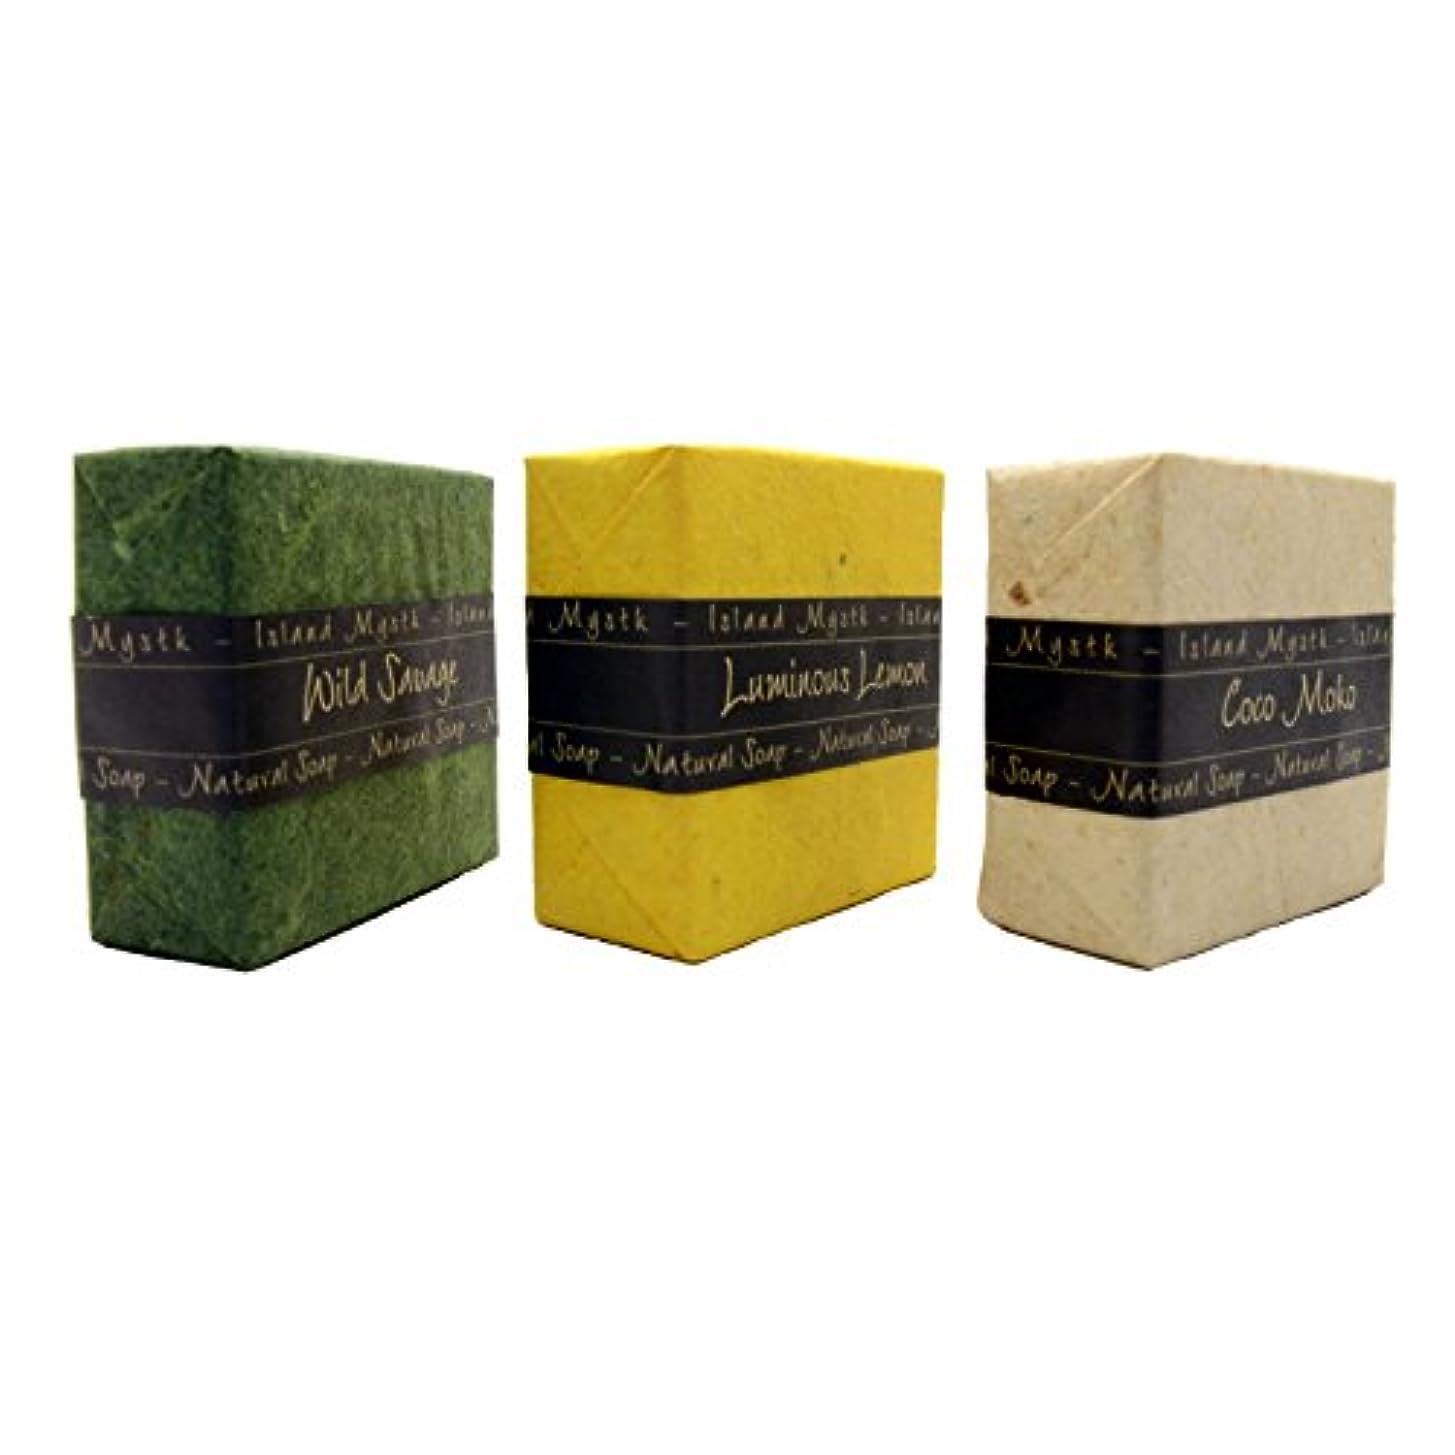 明るい幽霊お茶アイランドミスティック 3個セット 緑黄白 115g×3 ココナッツ石鹸 バリ島 Island Mystk 天然素材100% 無添加 オーガニック